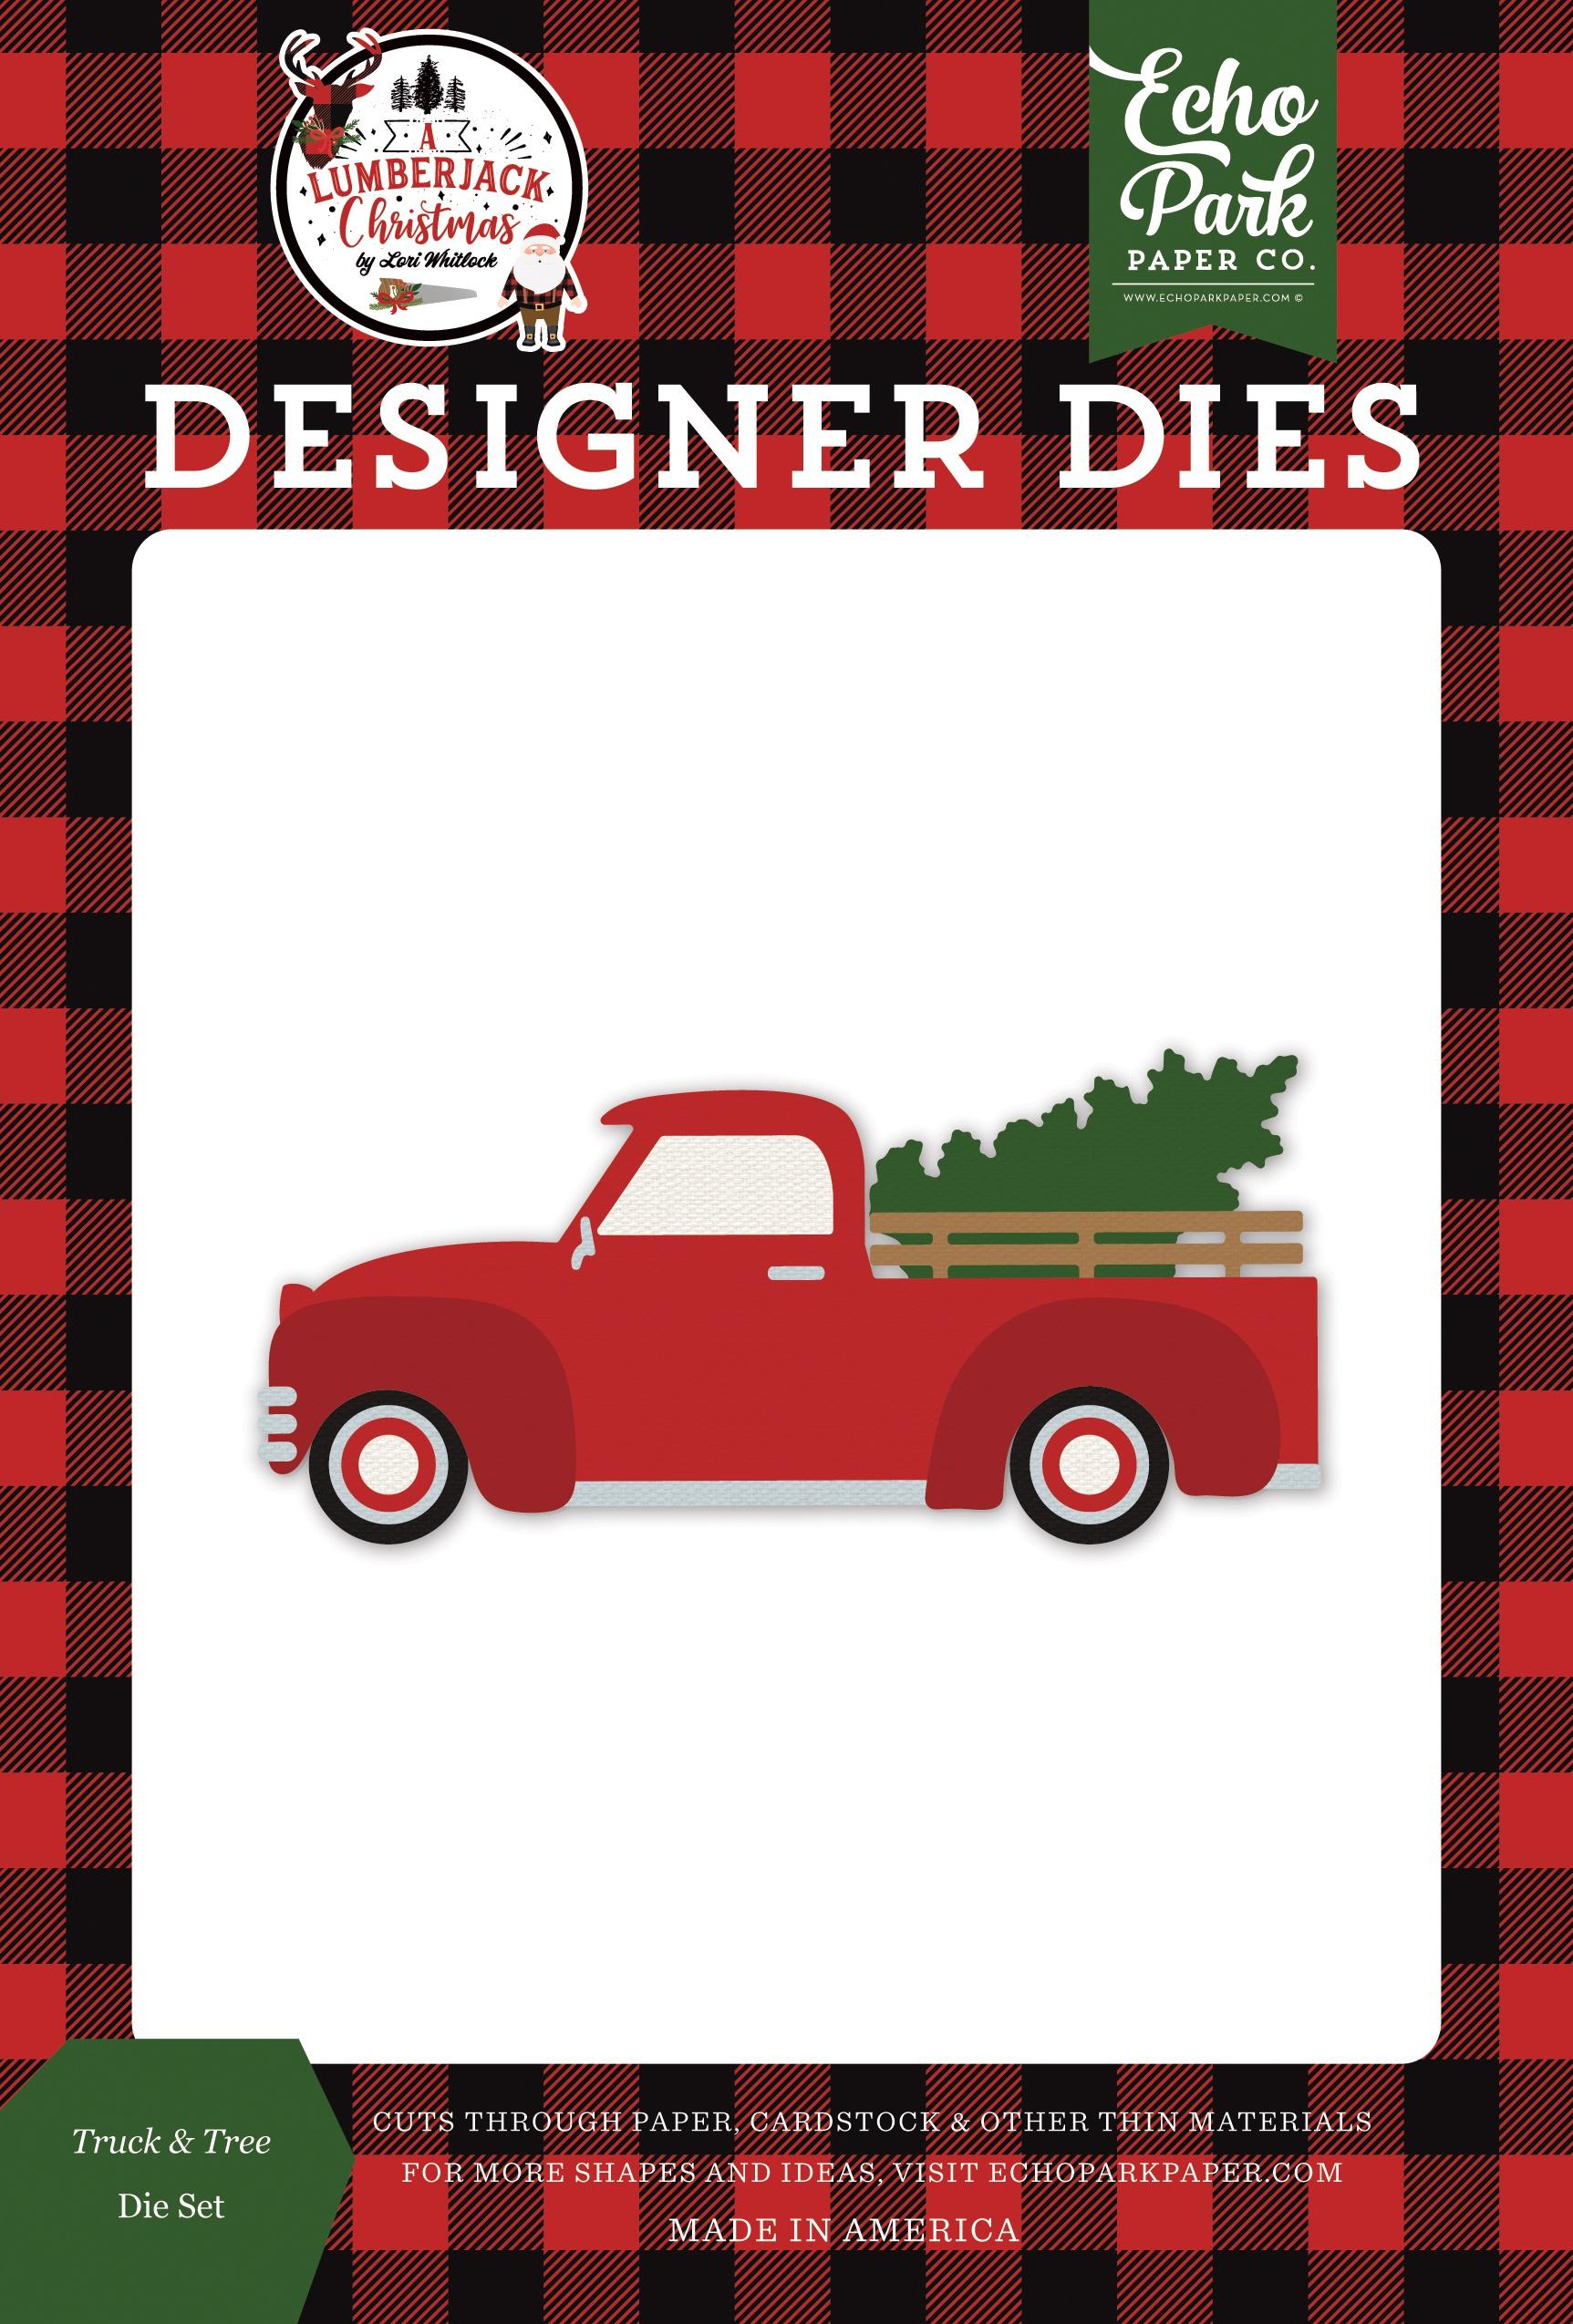 Echo Park Truck & Tree Die Set (A Lumberjack Christmas)